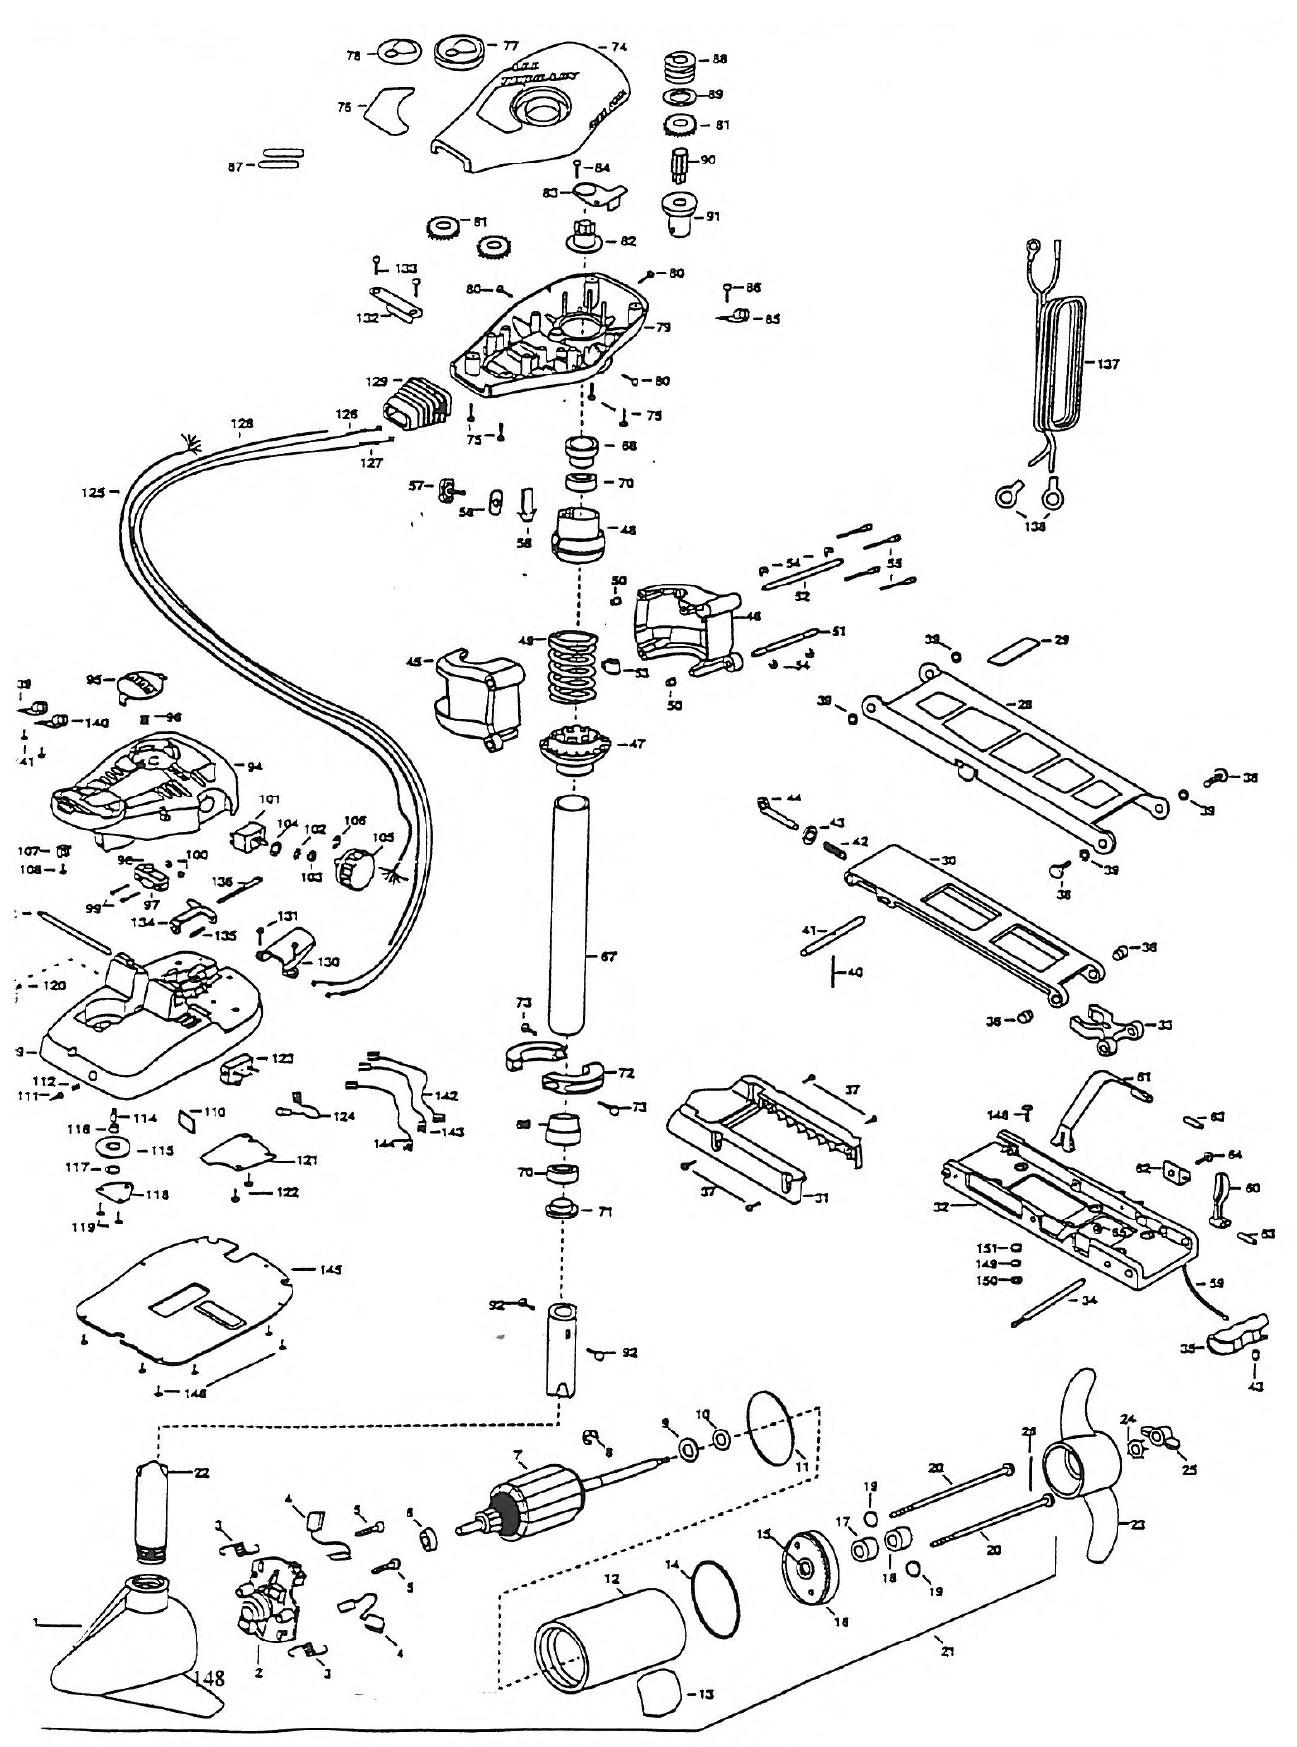 Minnkota Pd 55 Owners Manual